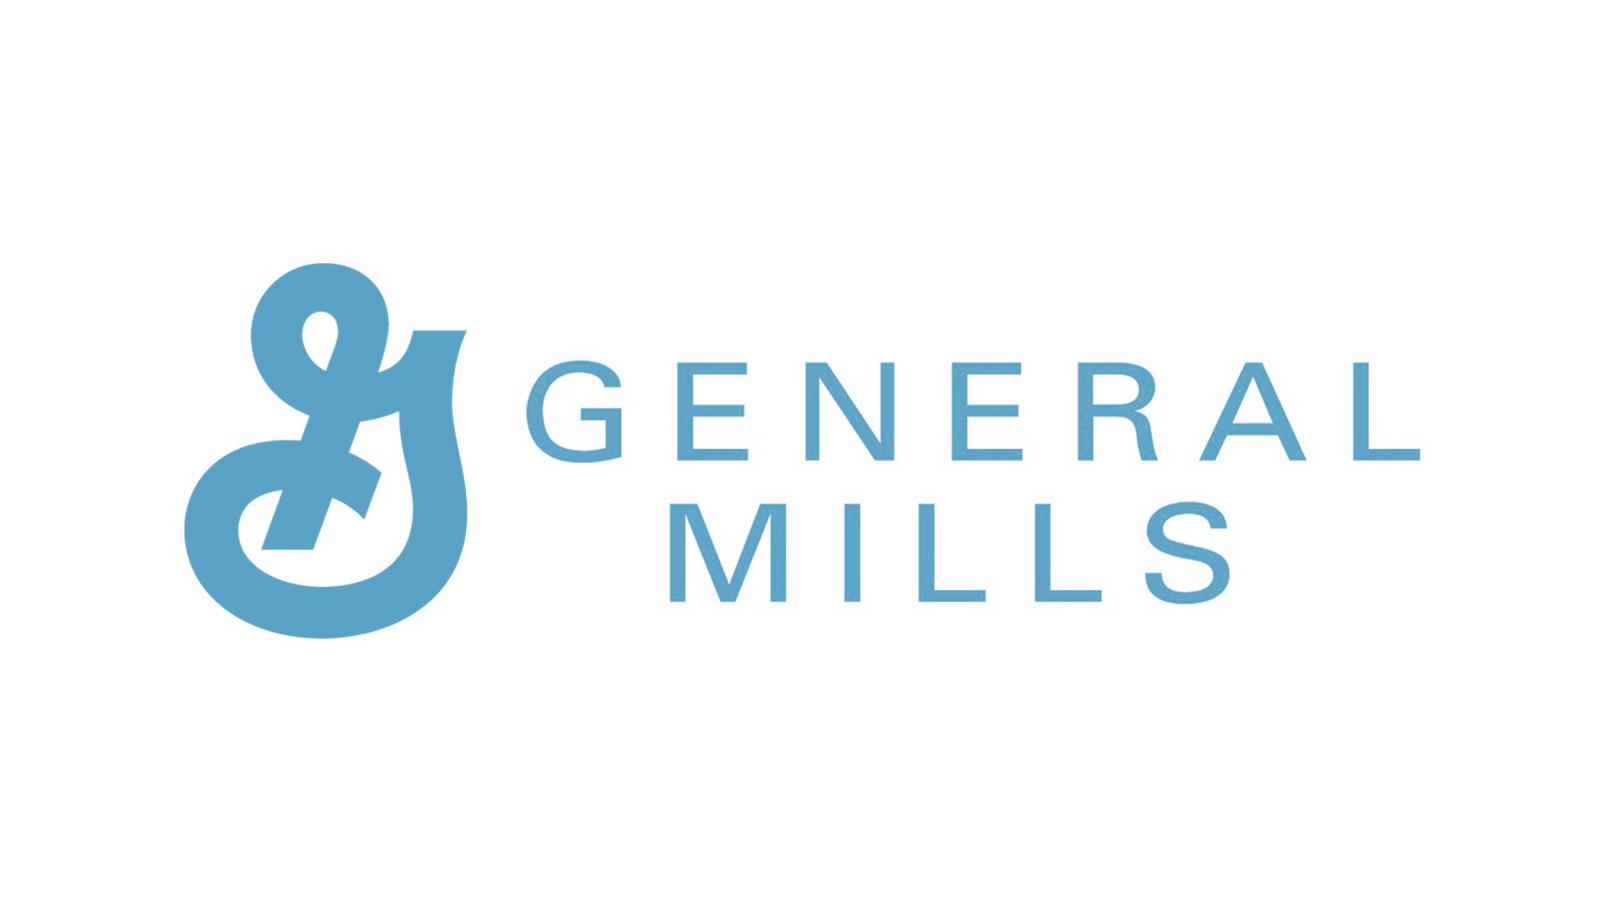 generalmills.jpg